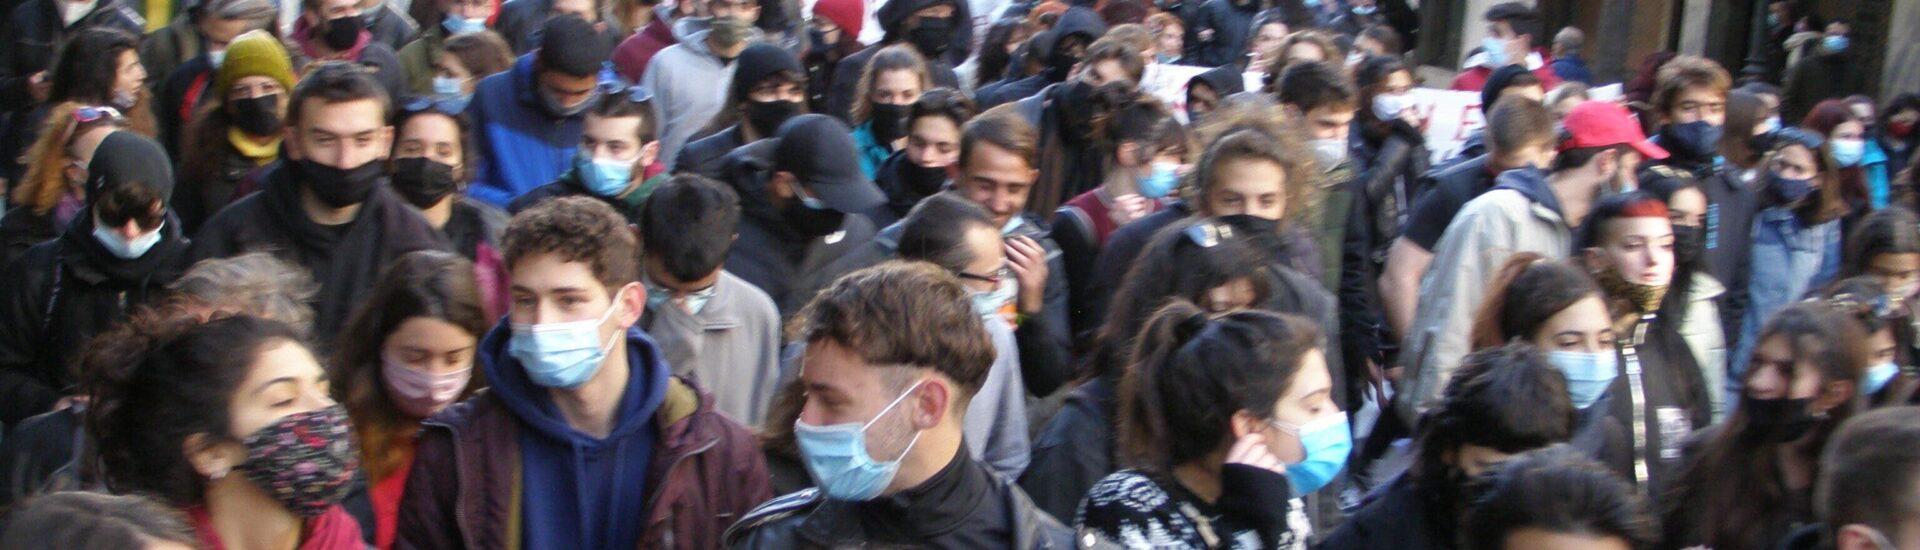 Διαδήλωση χιλιάδων φοιτητών & εργαζομένων στην Αθήνα σπάει την αστυνομική απαγόρευση